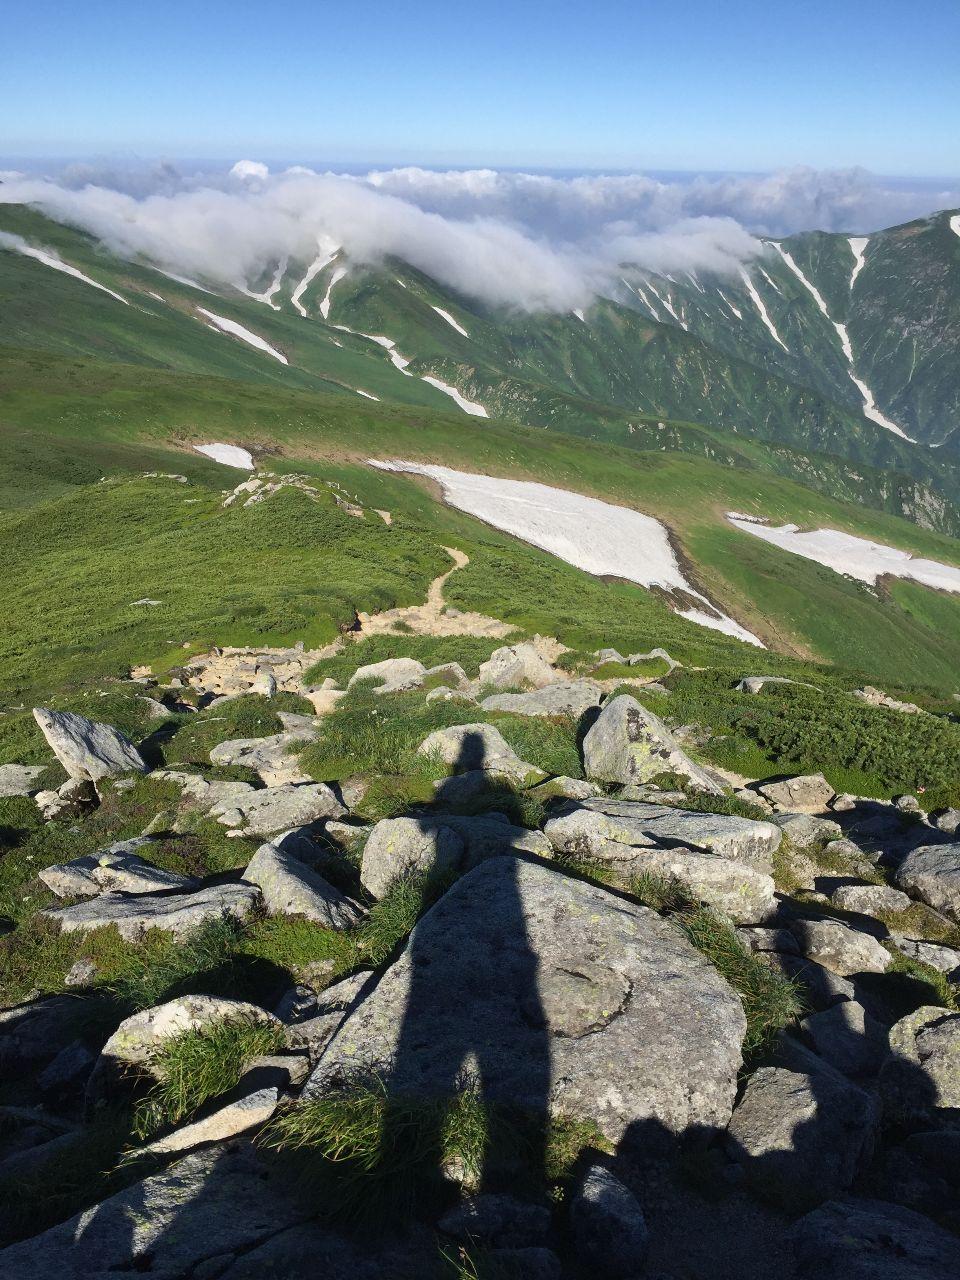 ストップ高とオンリーワン銘柄で今日も良い一日を! チョット前に行った 東北アルプスと言われる 飯豊連峰!